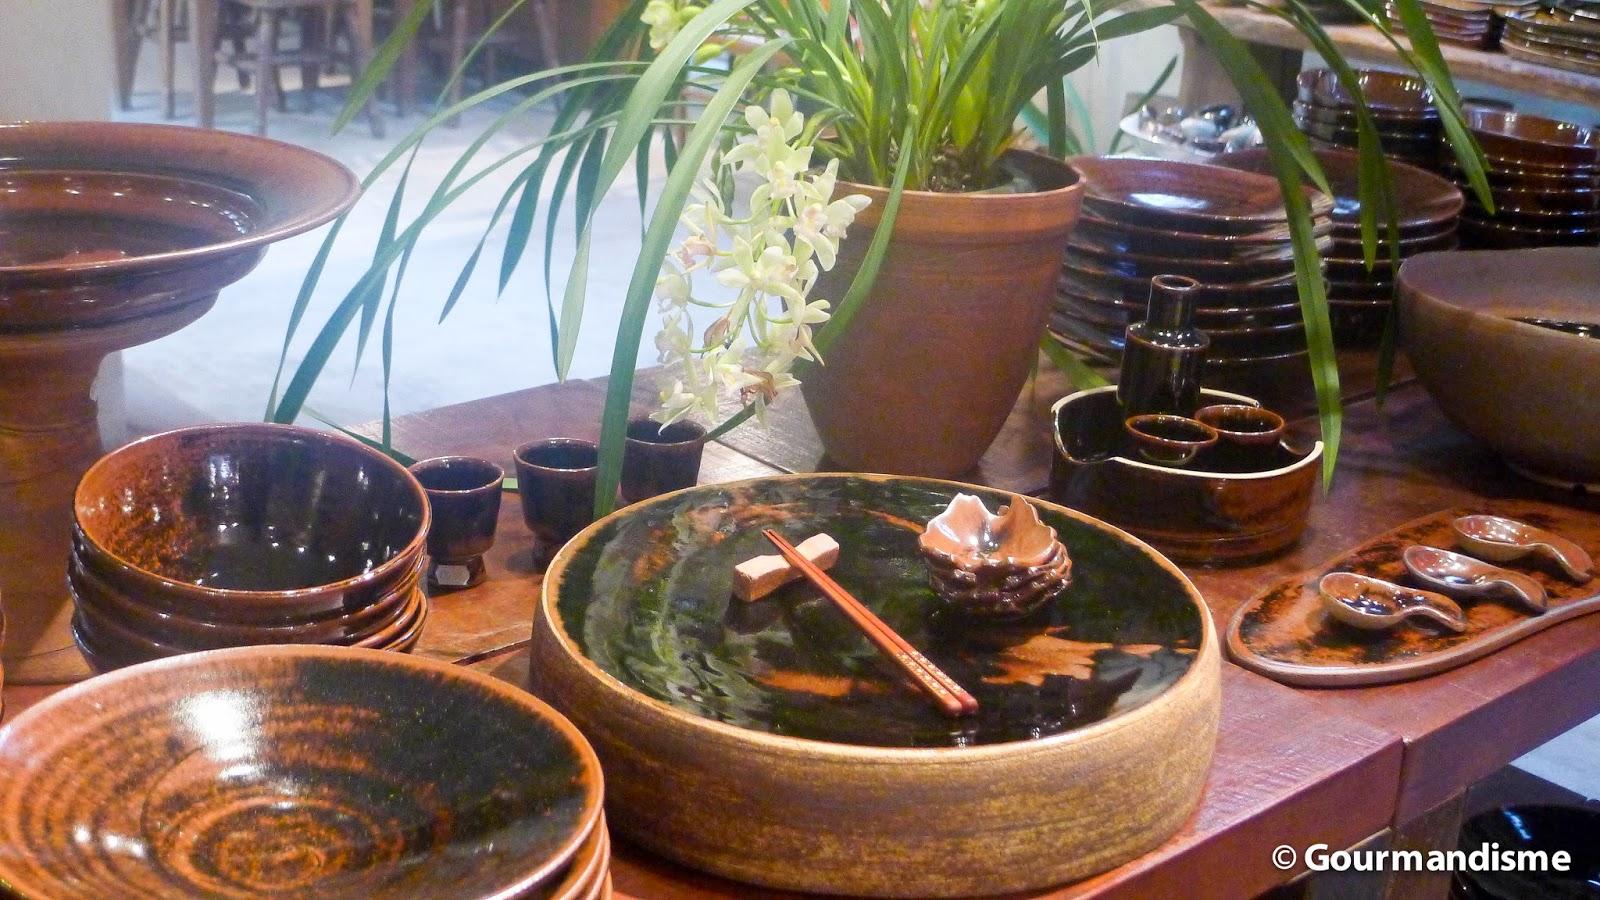 Tend ncias gastron micas cer mica artesanal de hideko for Materiales para ceramica artesanal